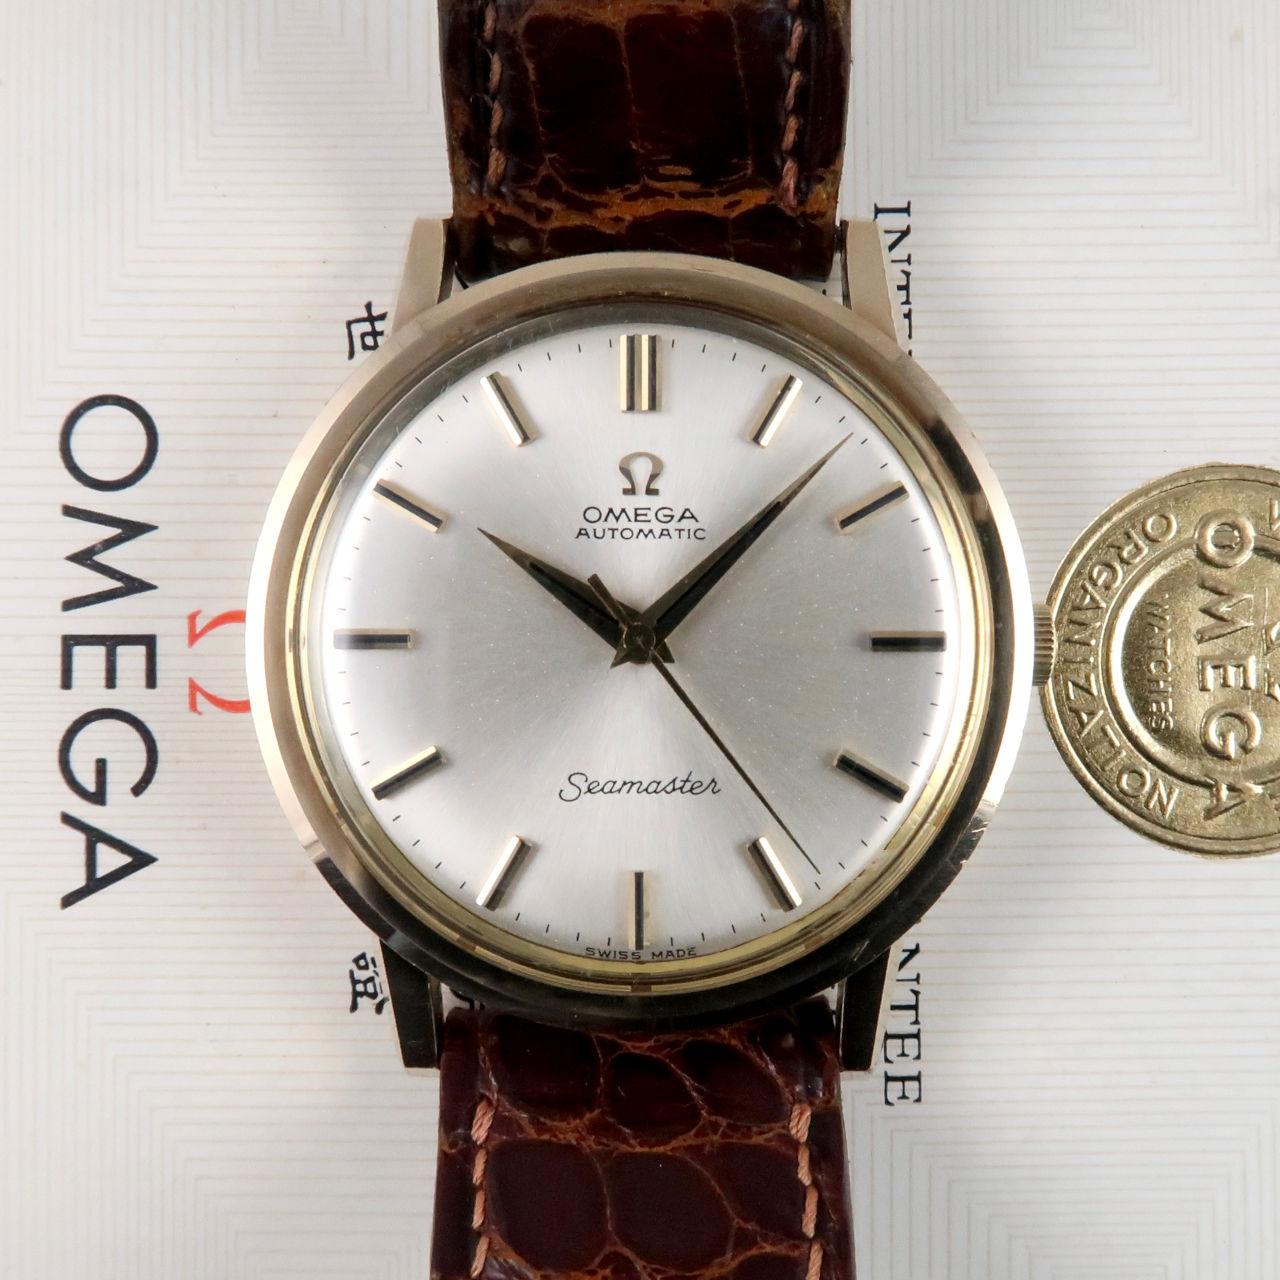 Omega Seamaster Ref.165.65003 9ct gold vintage wristwatch, hallmarked 1965